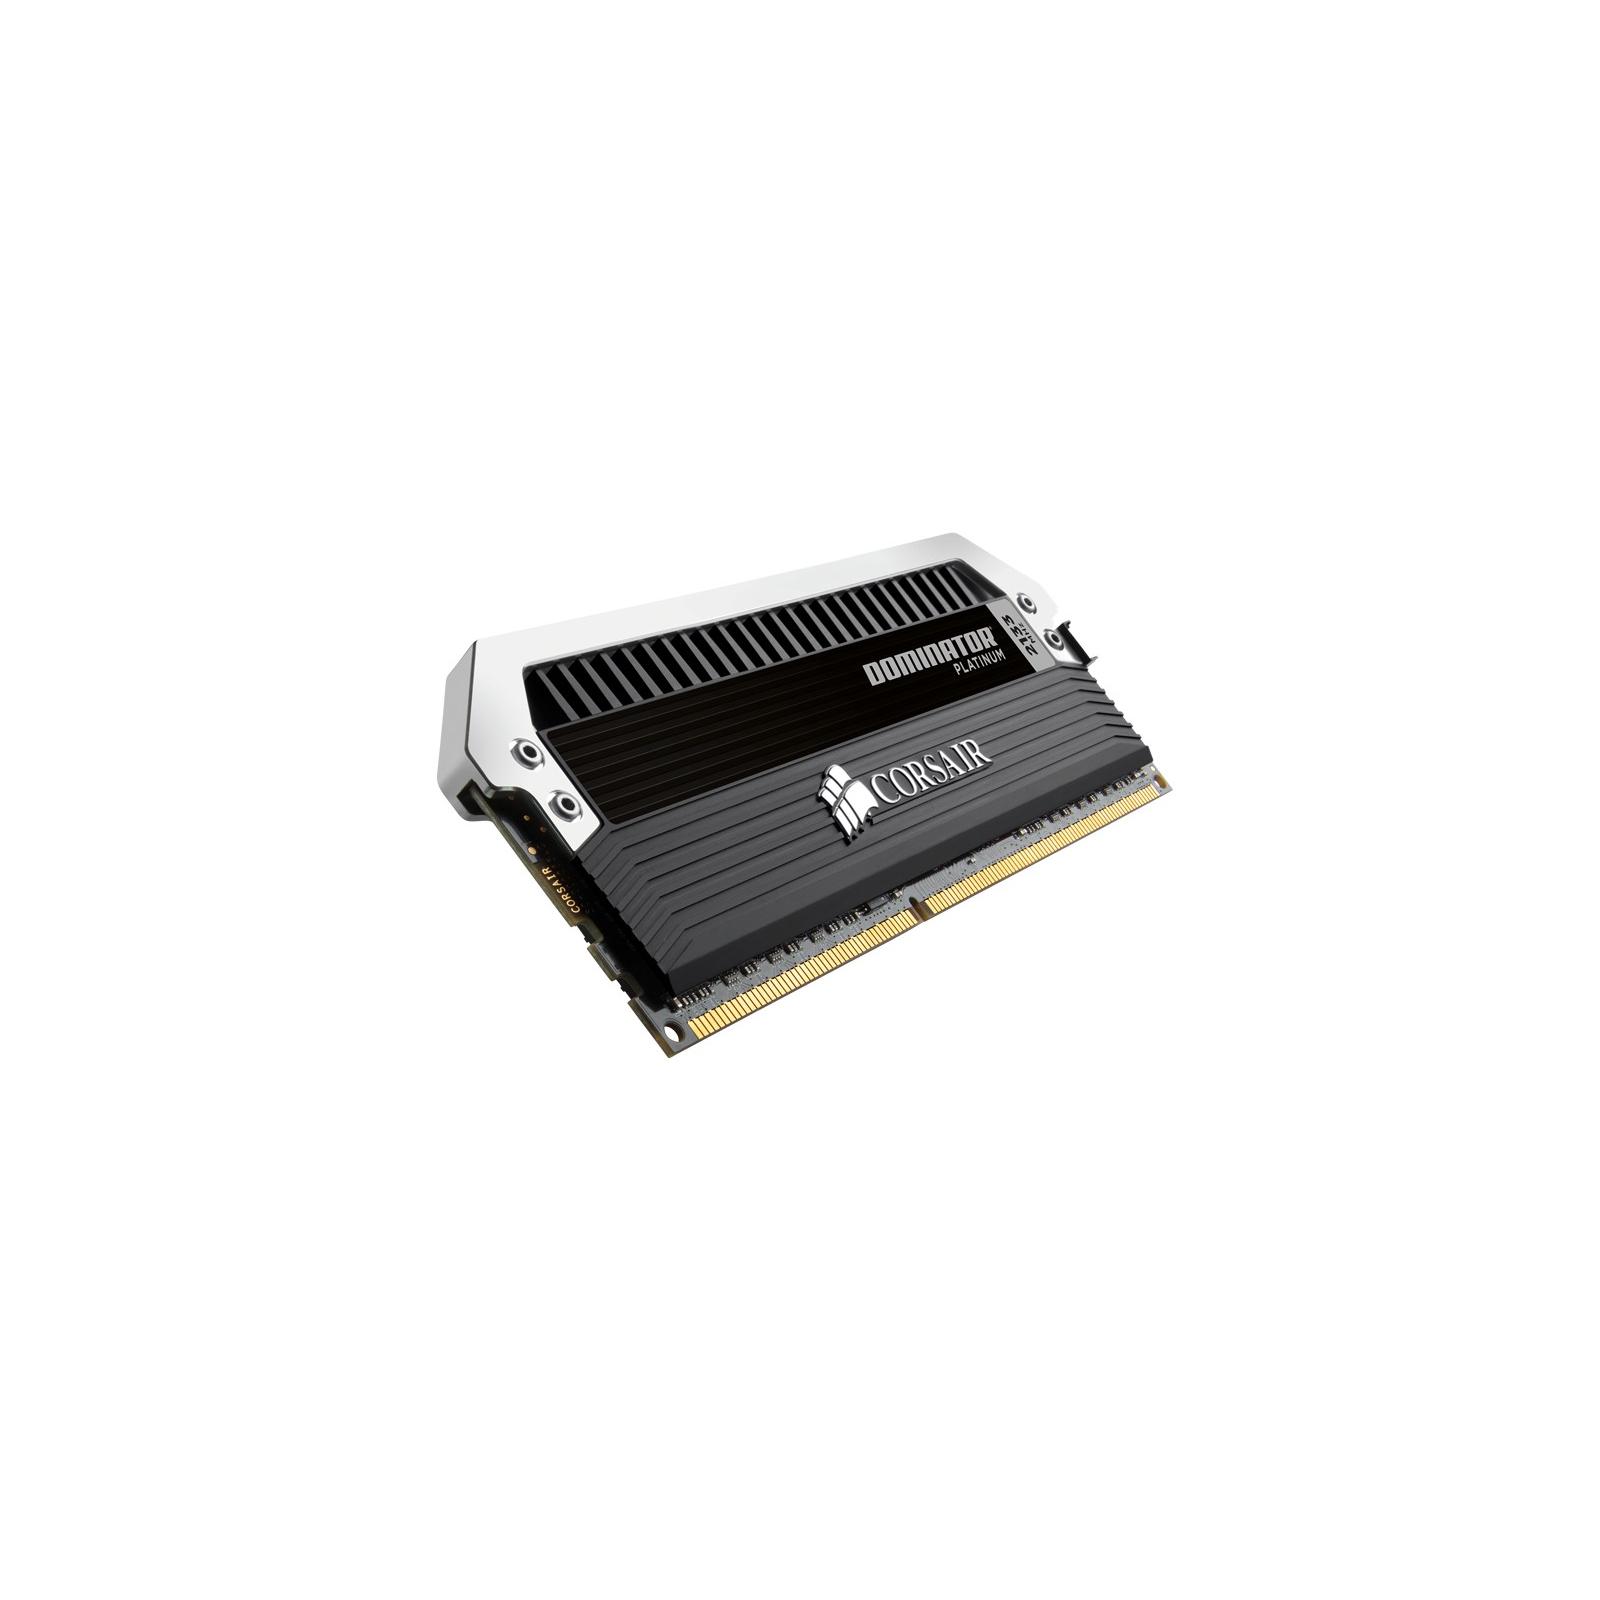 Модуль памяти для компьютера DDR3 64GB (8x8GB) 2133 MHz CORSAIR (CMD64GX3M8A2133C9) изображение 3